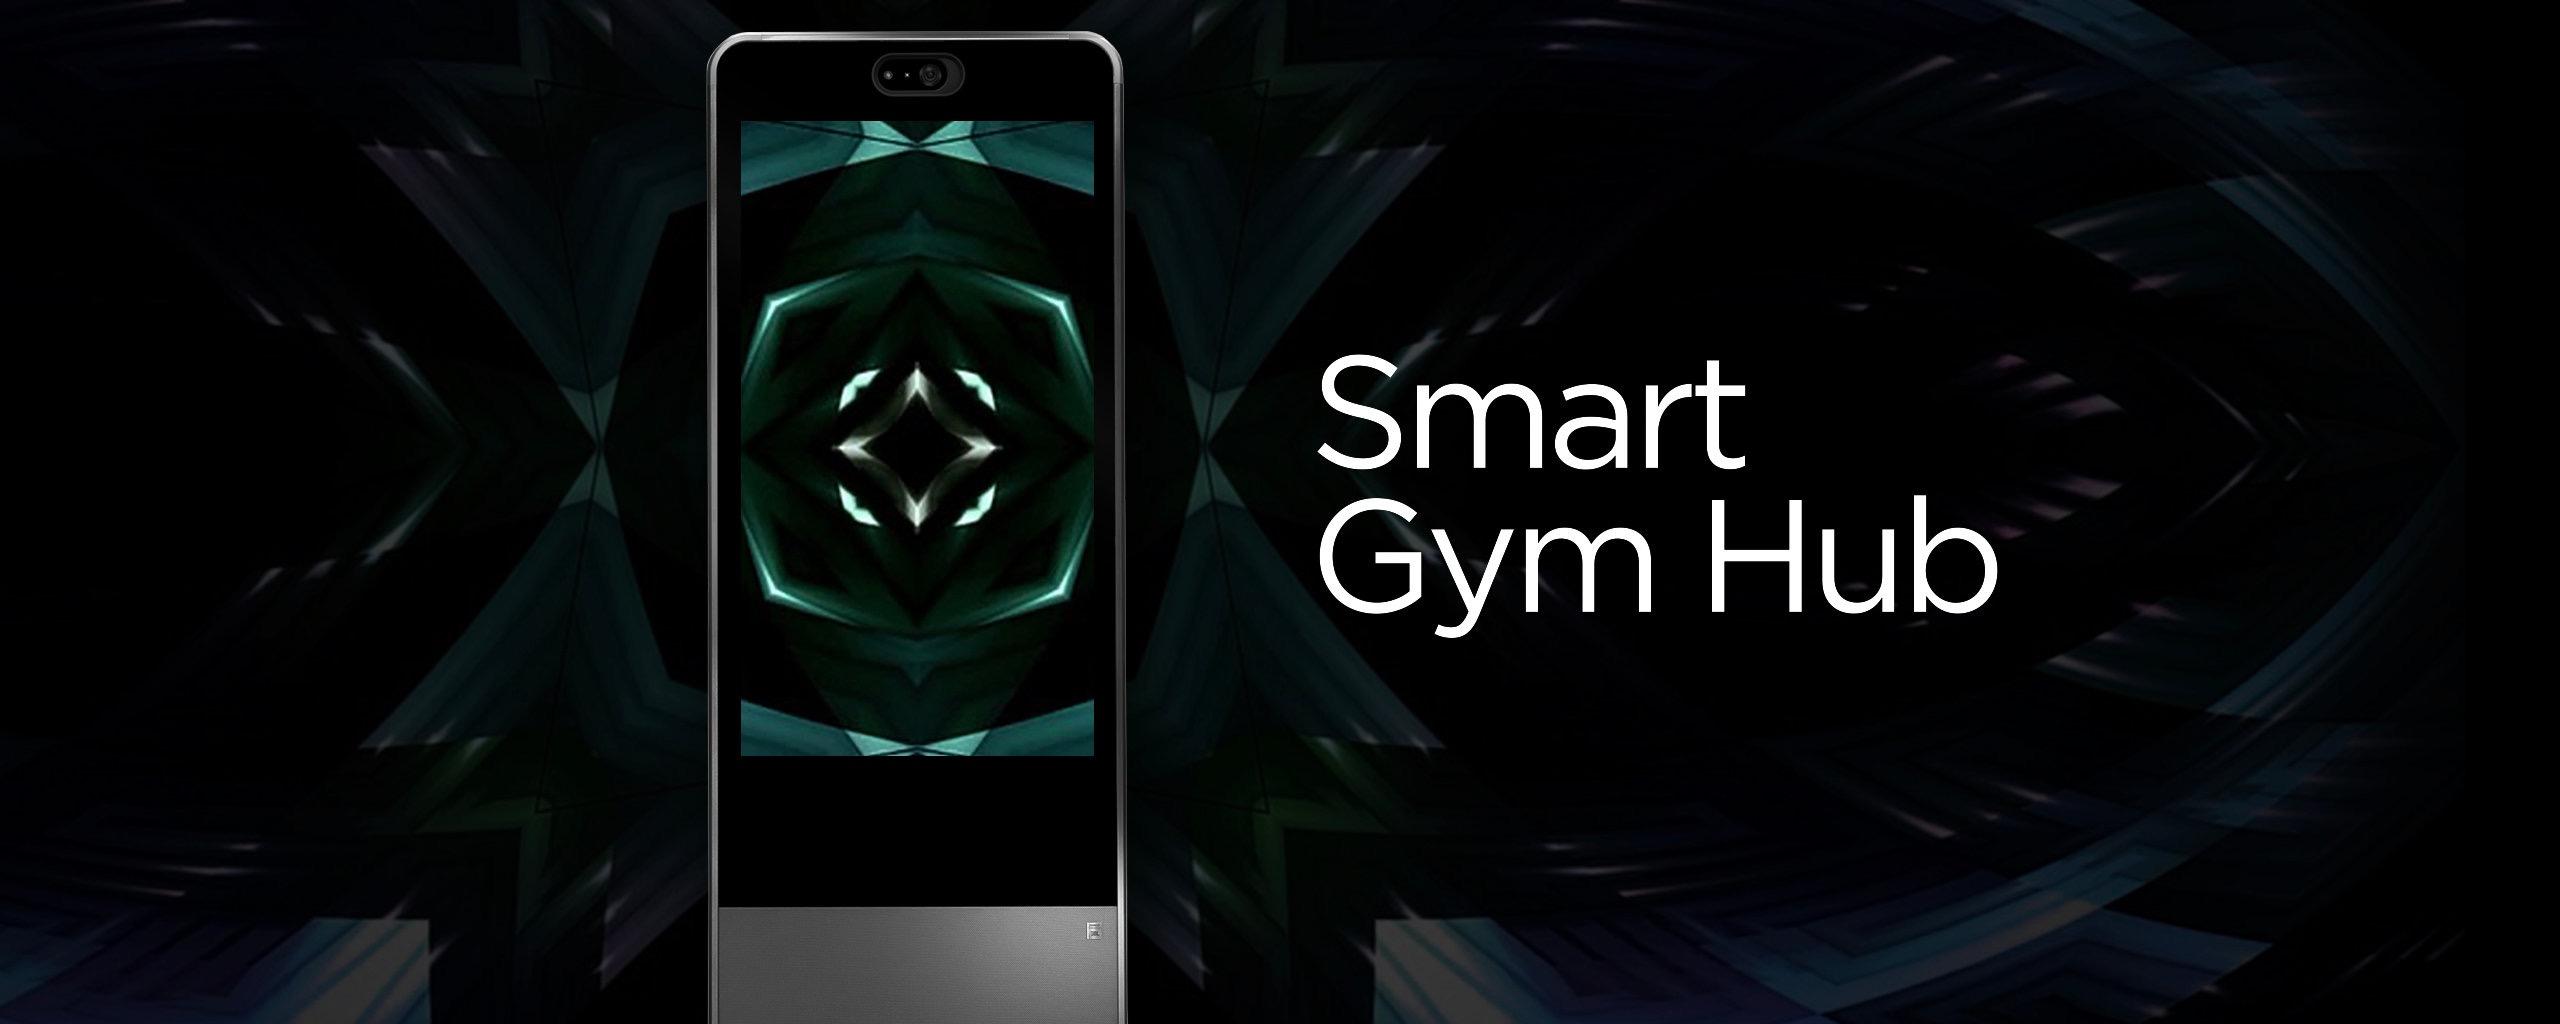 Nueva cinta Amazfit HomeStudio, características, especificaciones y precio. Noticias Xiaomi Adictos